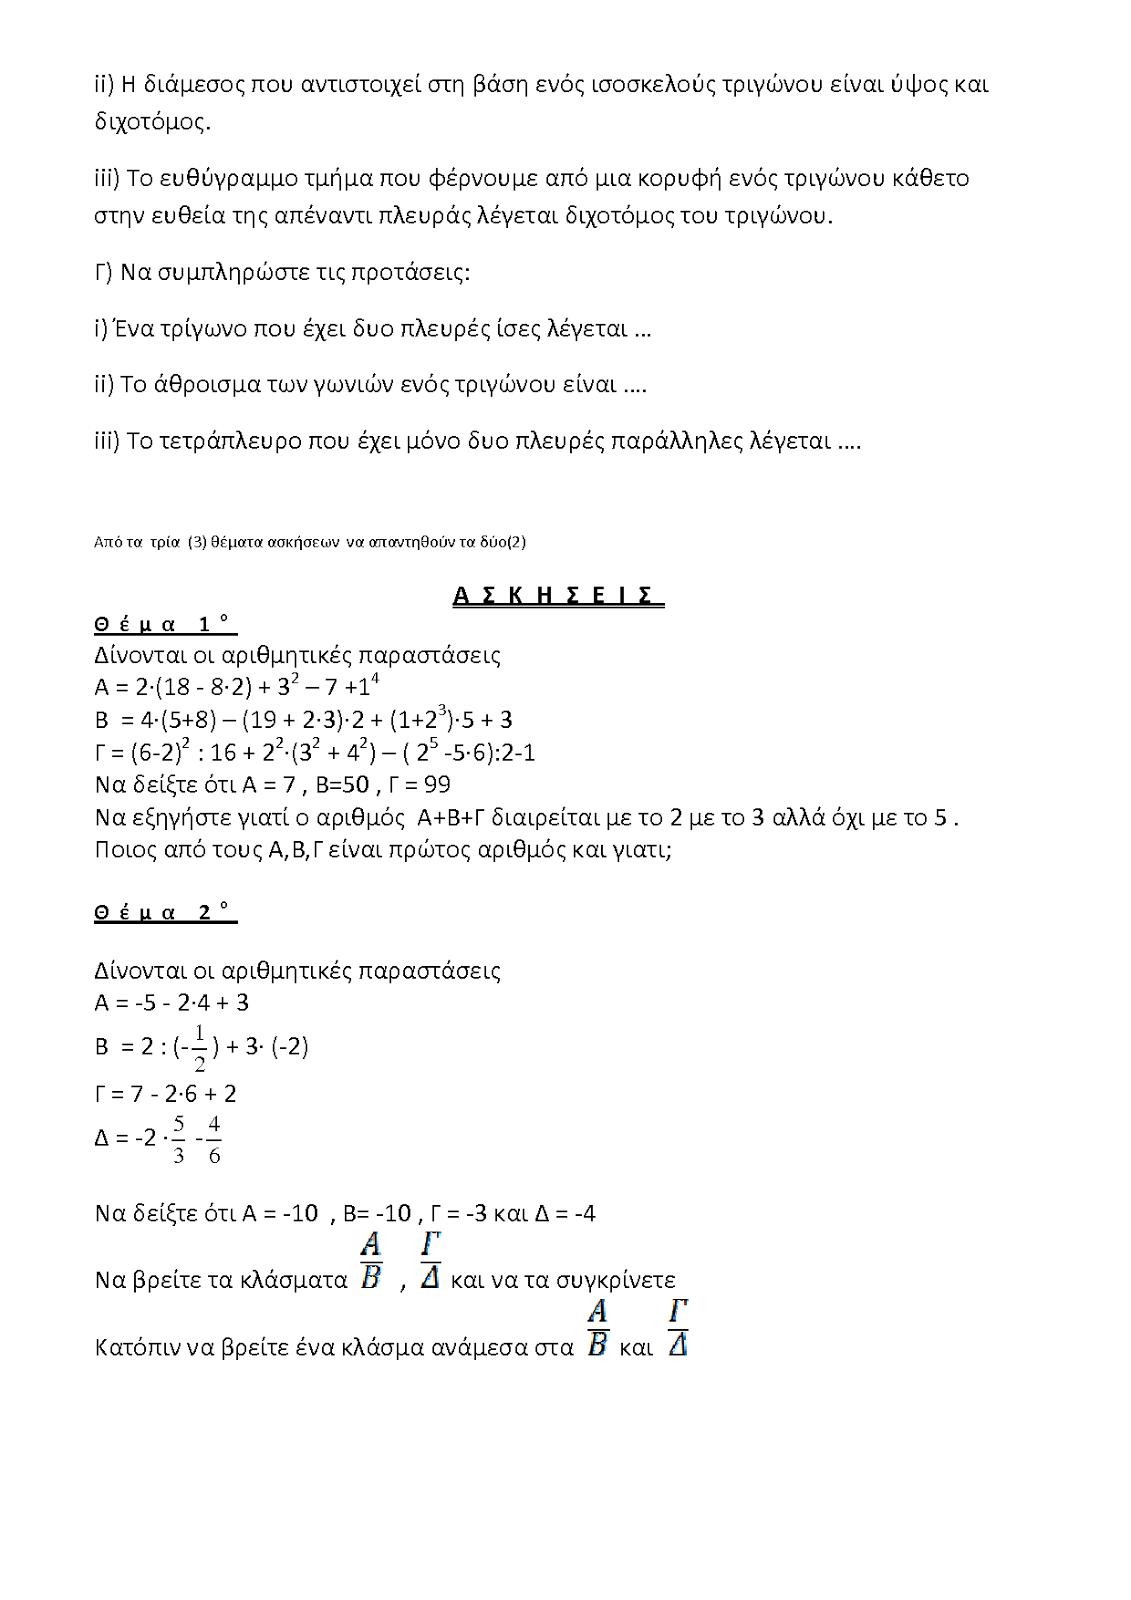 Μαθηματικά - ιδιαίτερα μαθήματα με τον